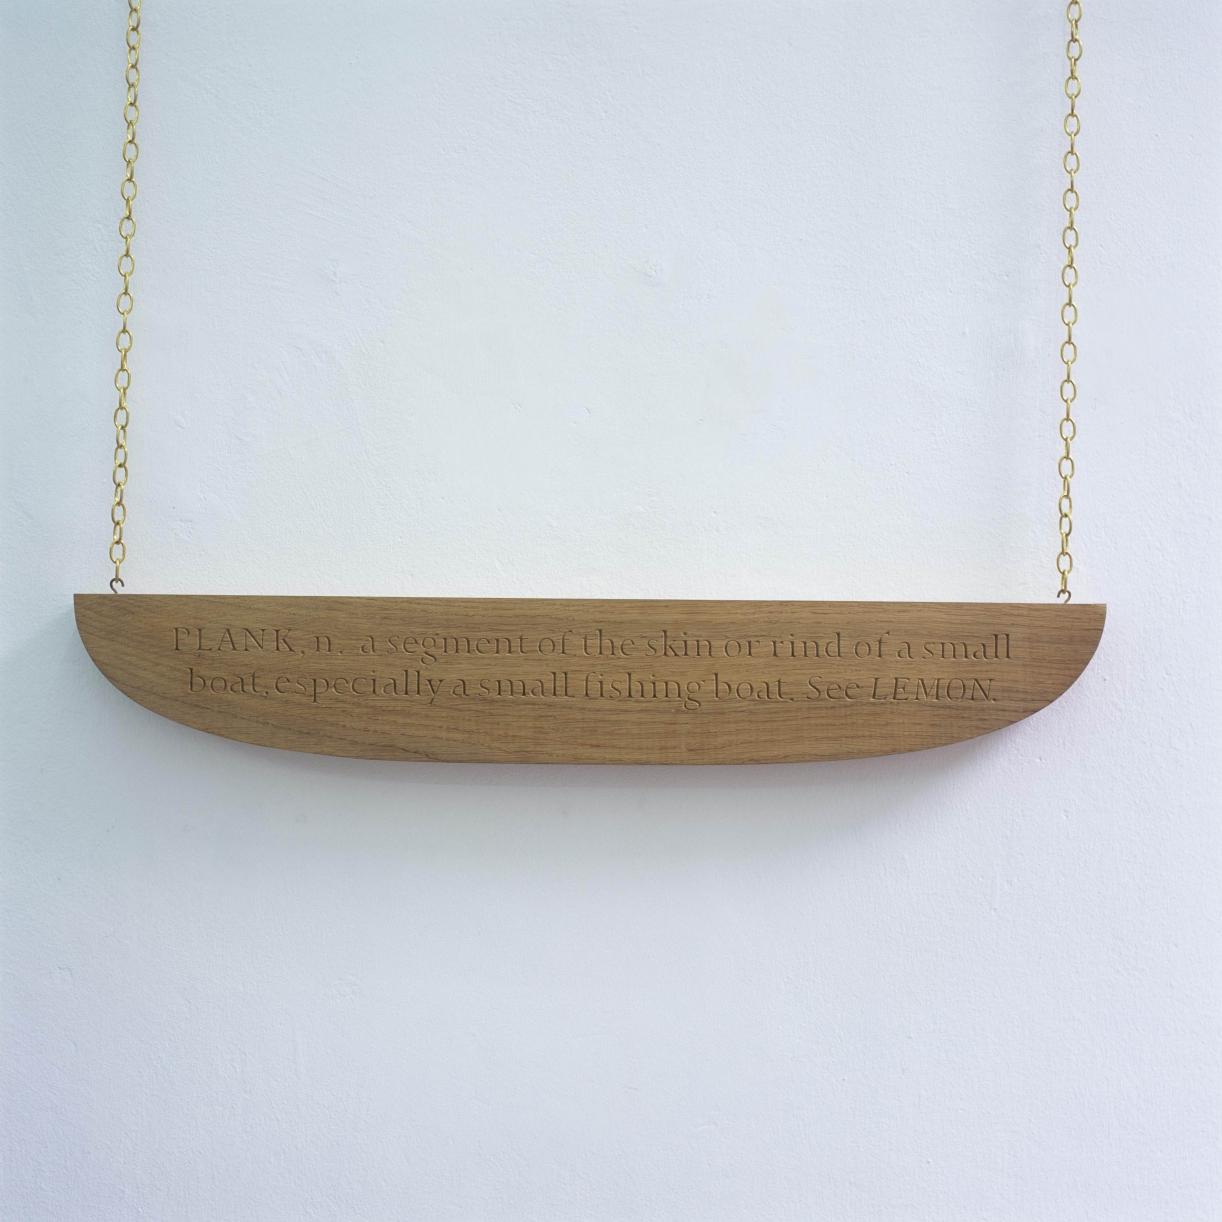 PLANK, n., 1995 with Caroline Webb, Wood, 71 x 30 x 2 cm